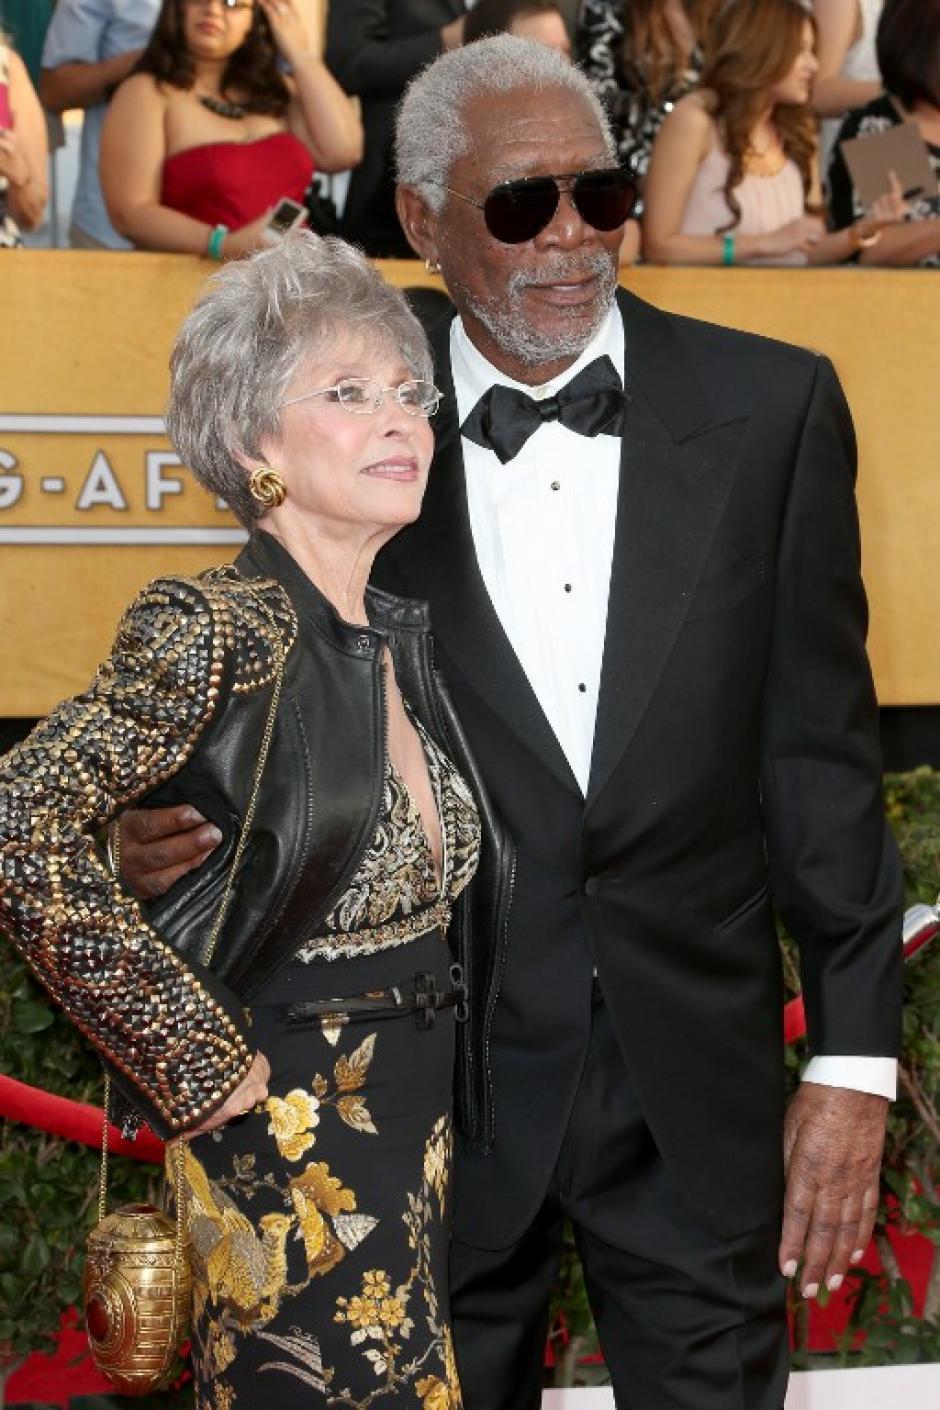 Los emblemáticos Morgan Freeman y Rita Moreno posan para los fotógrafos en la alfombra roja. (AFP)